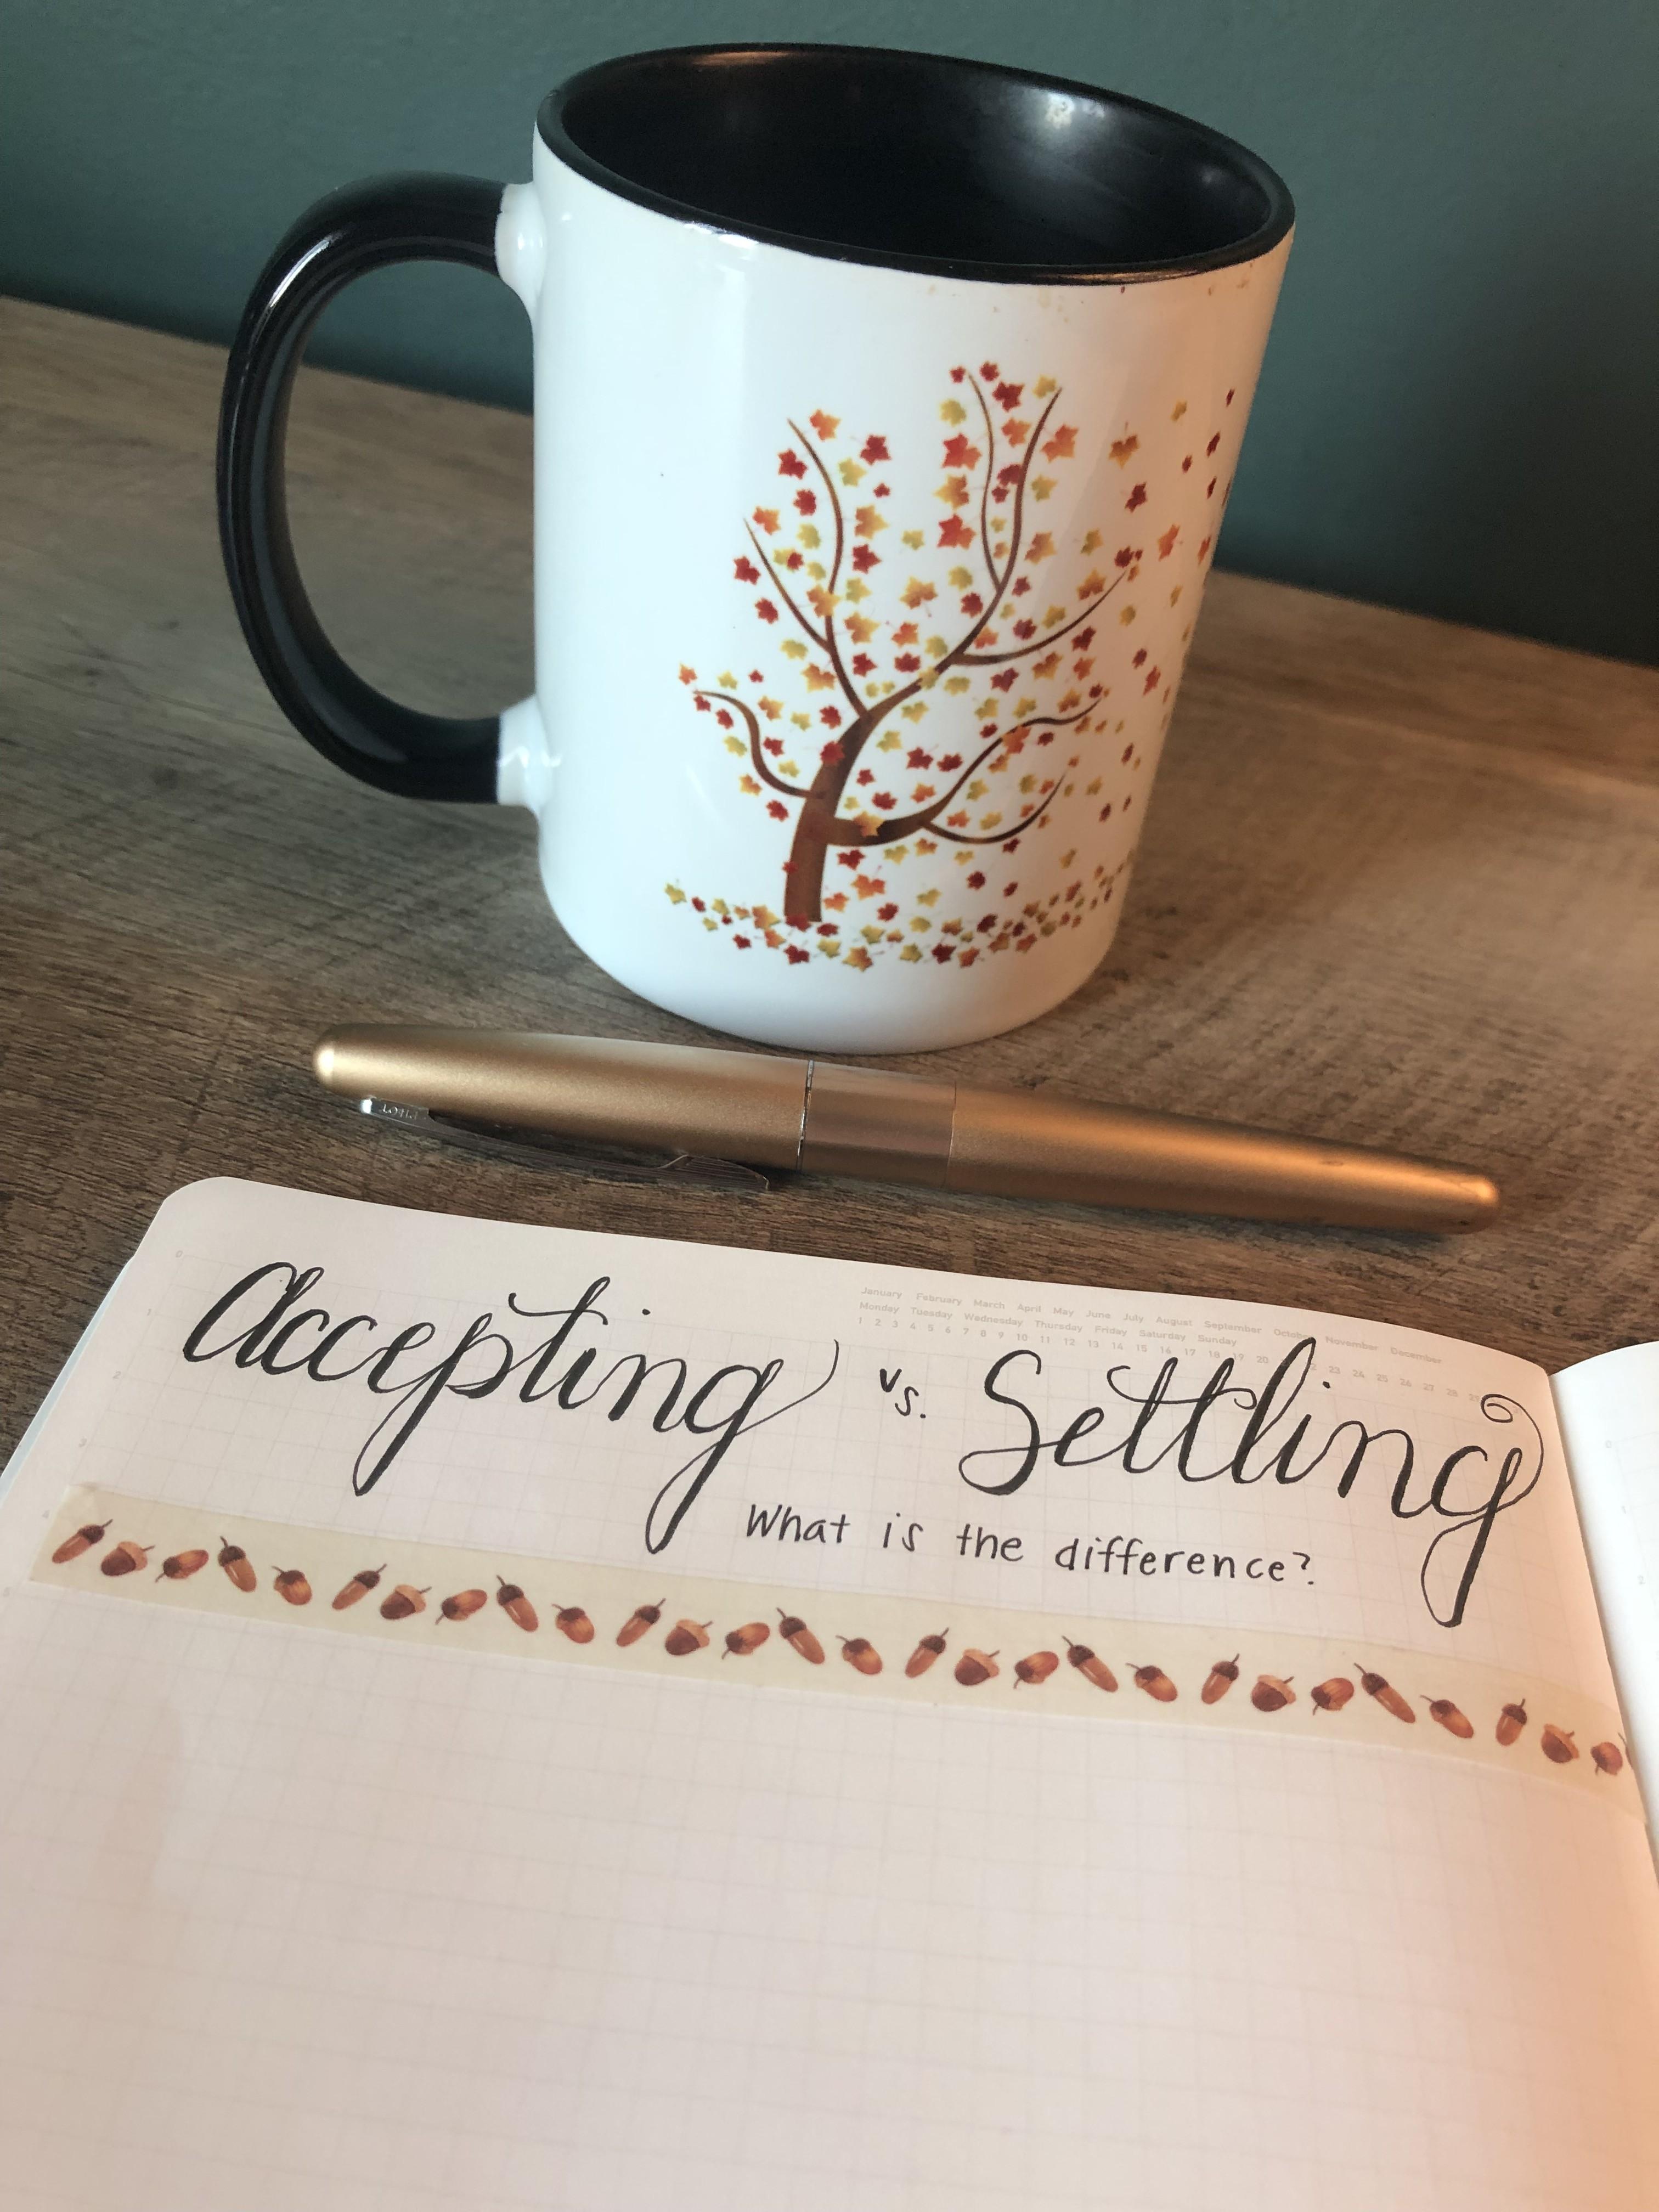 Accept vs Settling